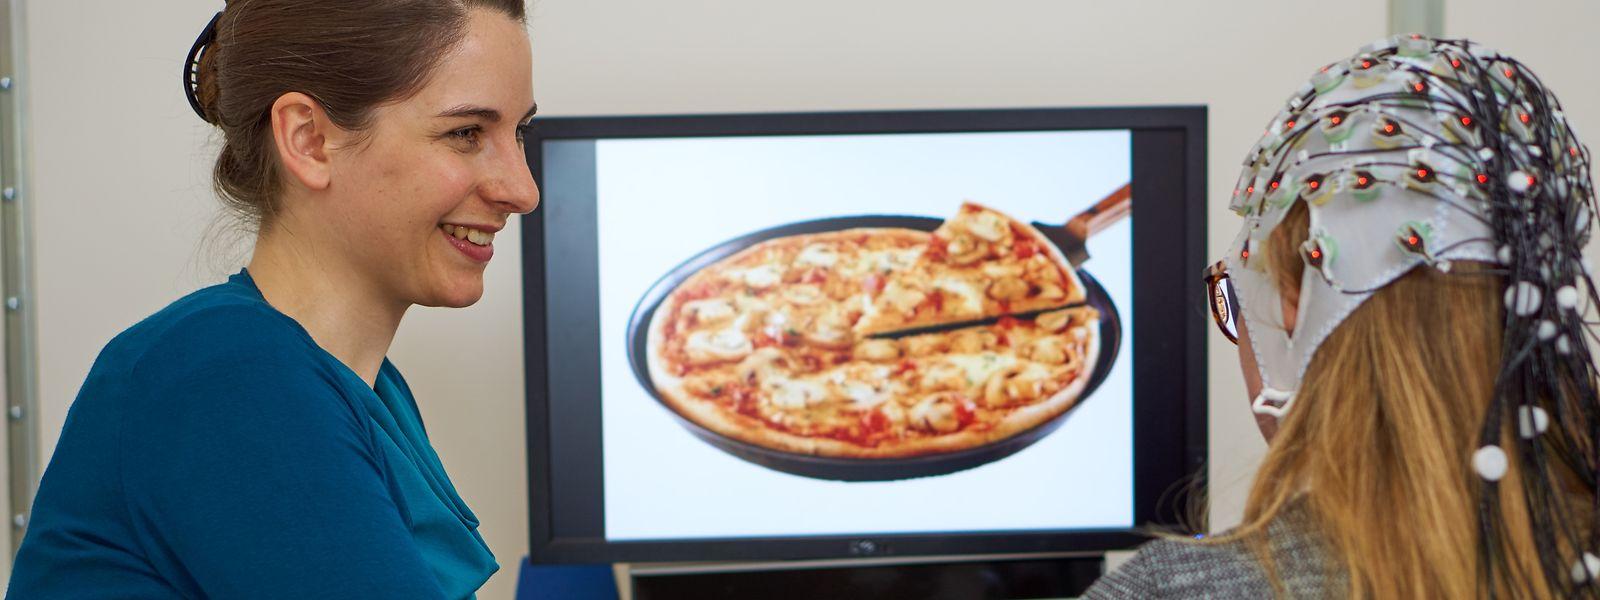 Annika Lutz (l.) untersucht dieGehirnaktivitäten von Probanden während diese am BildschirmLebensmittel ansehen.